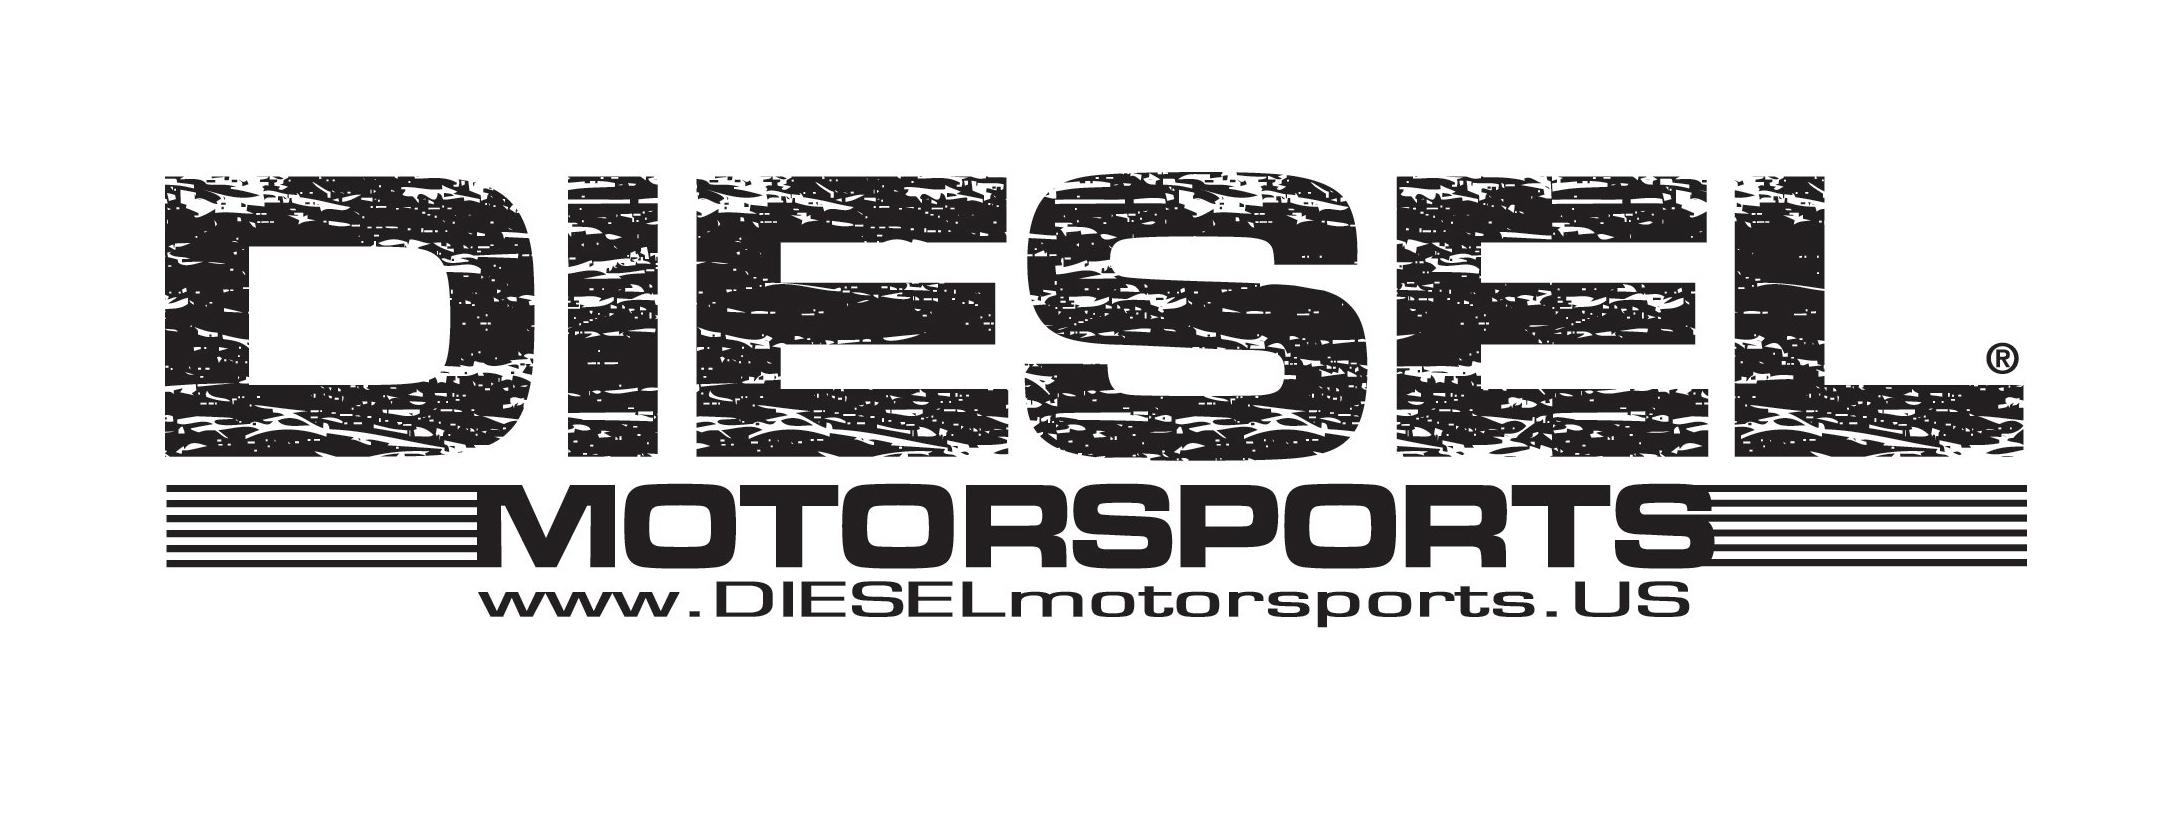 DIESEL MOTORSPORTS / NADM